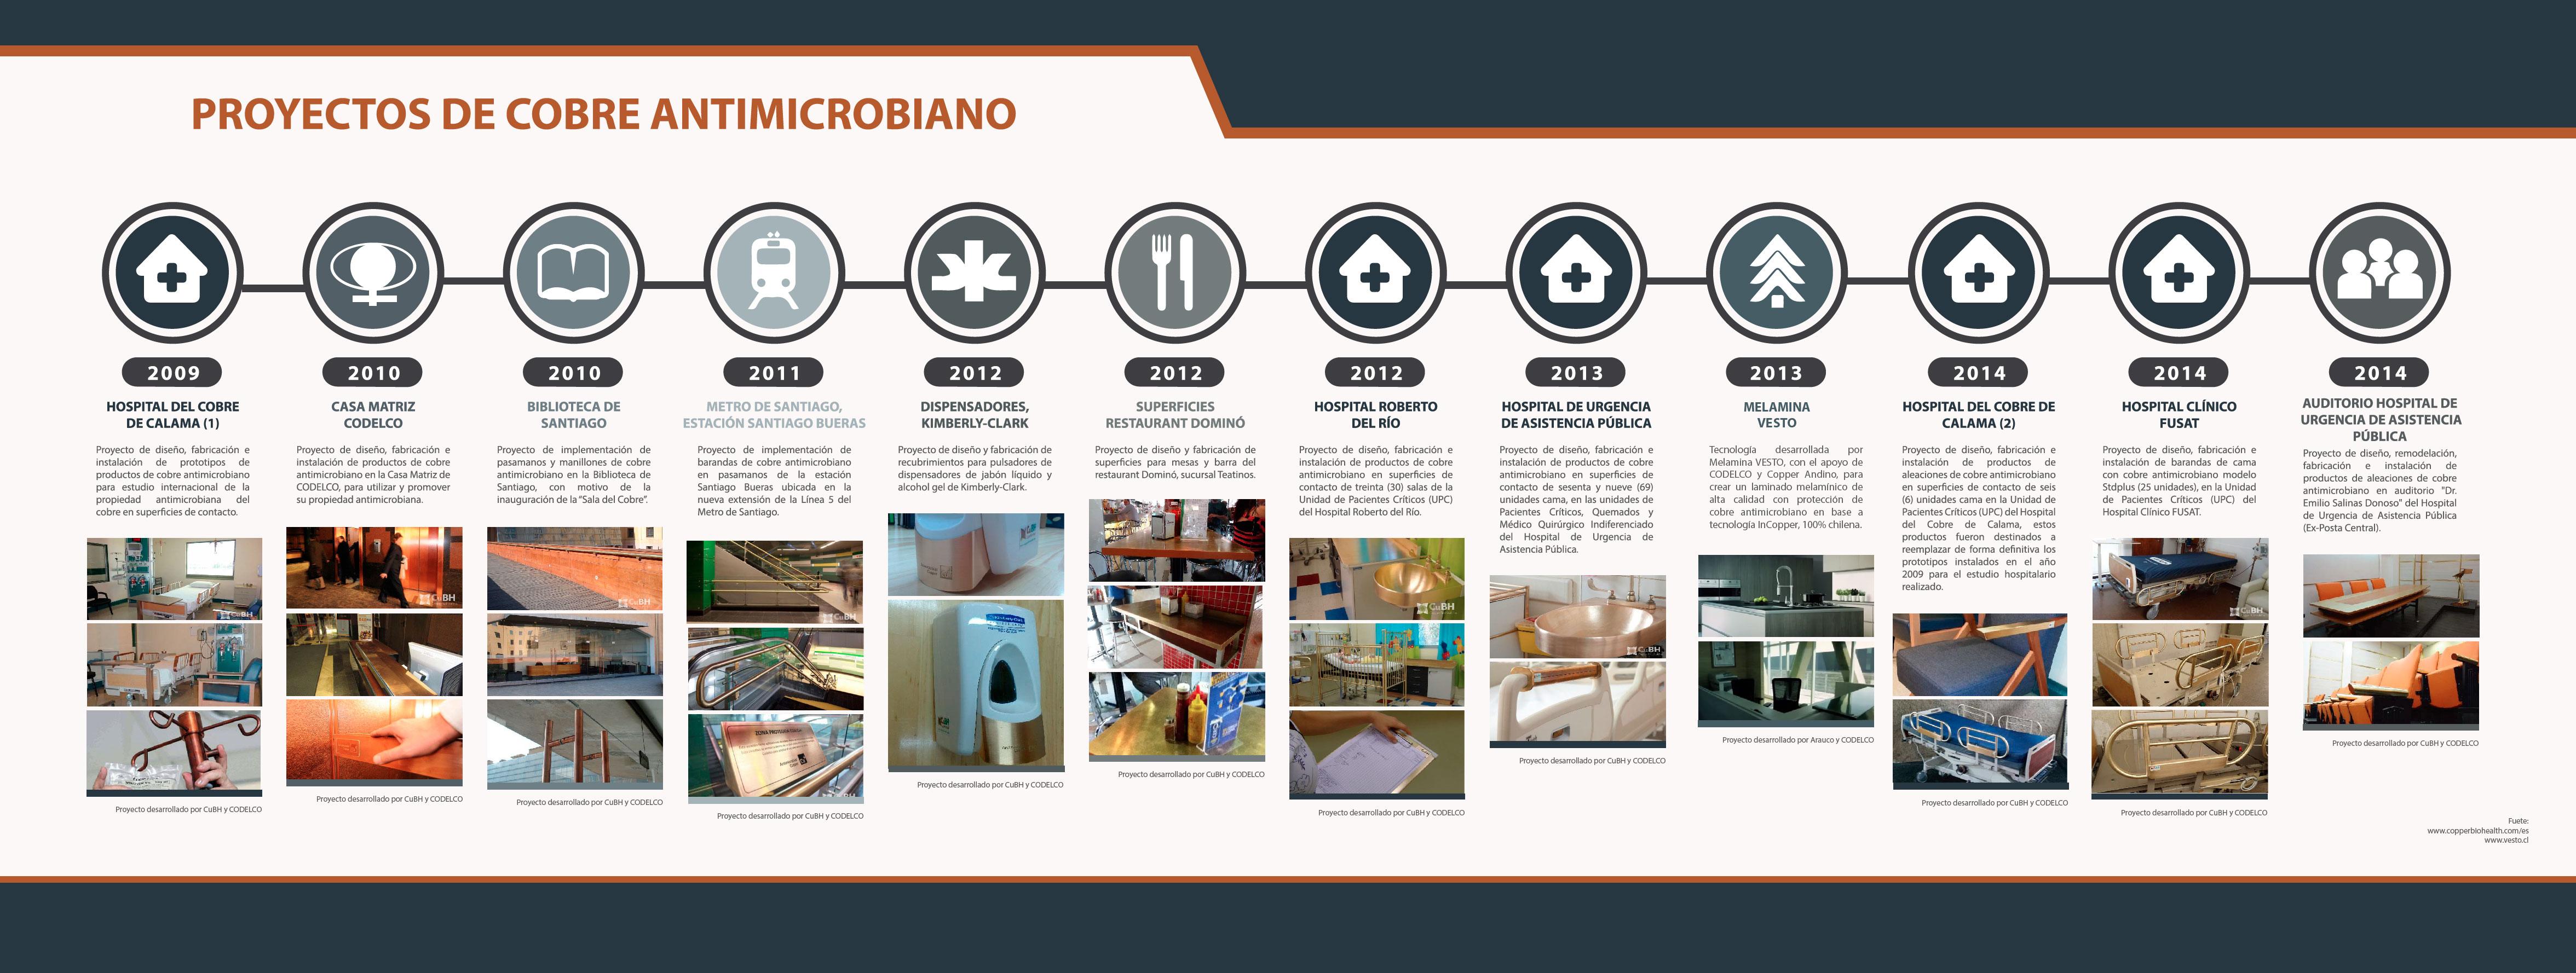 final-infografia-proyectos-del-cobre-01